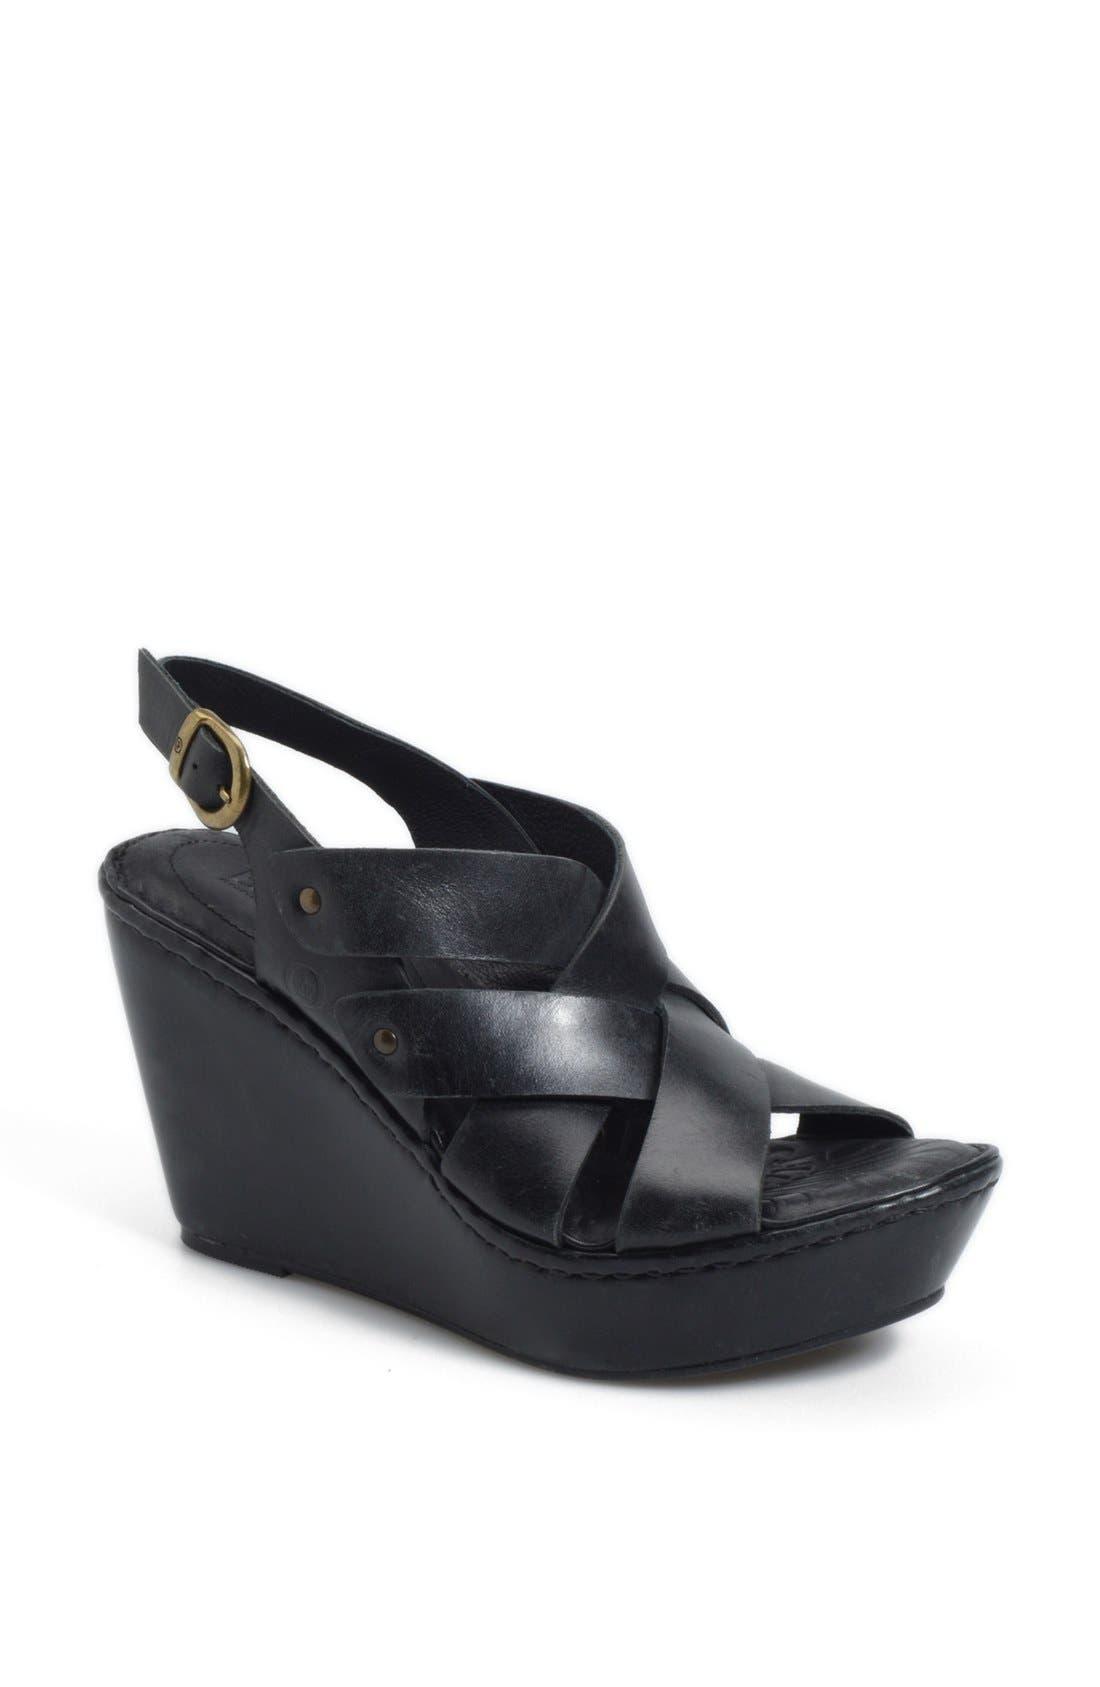 BØRN 'Cataleen' Sandal, Main, color, 001